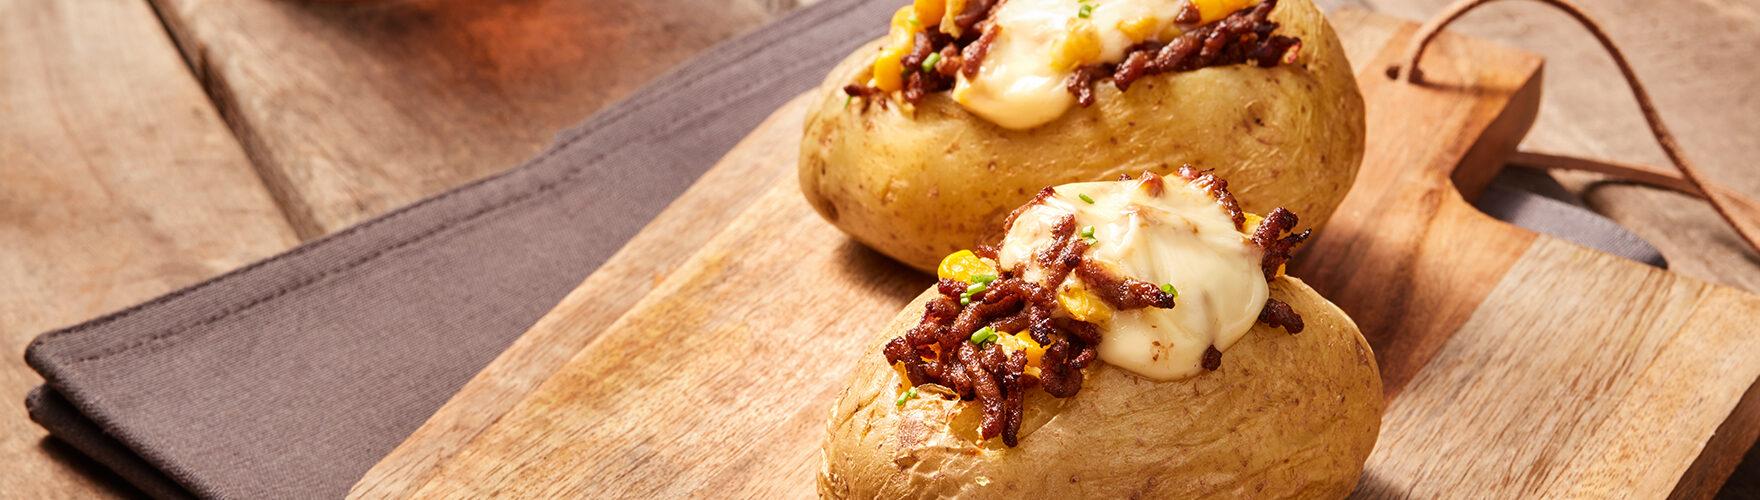 Gepofte aardappel met gehakt en mais